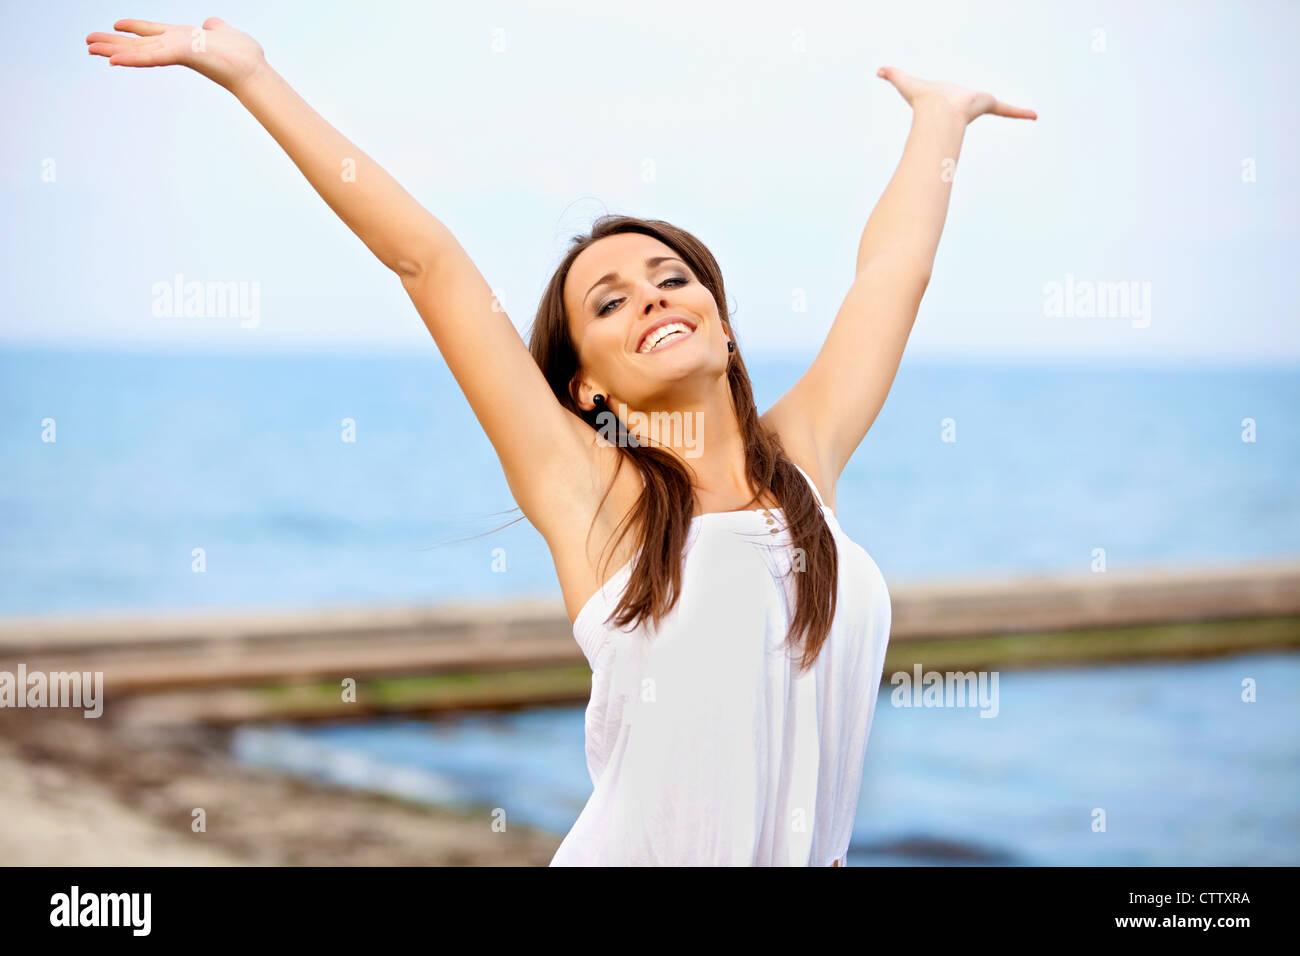 Fröhliche Frau mit über den Kopf erhobenen Armen Stockbild